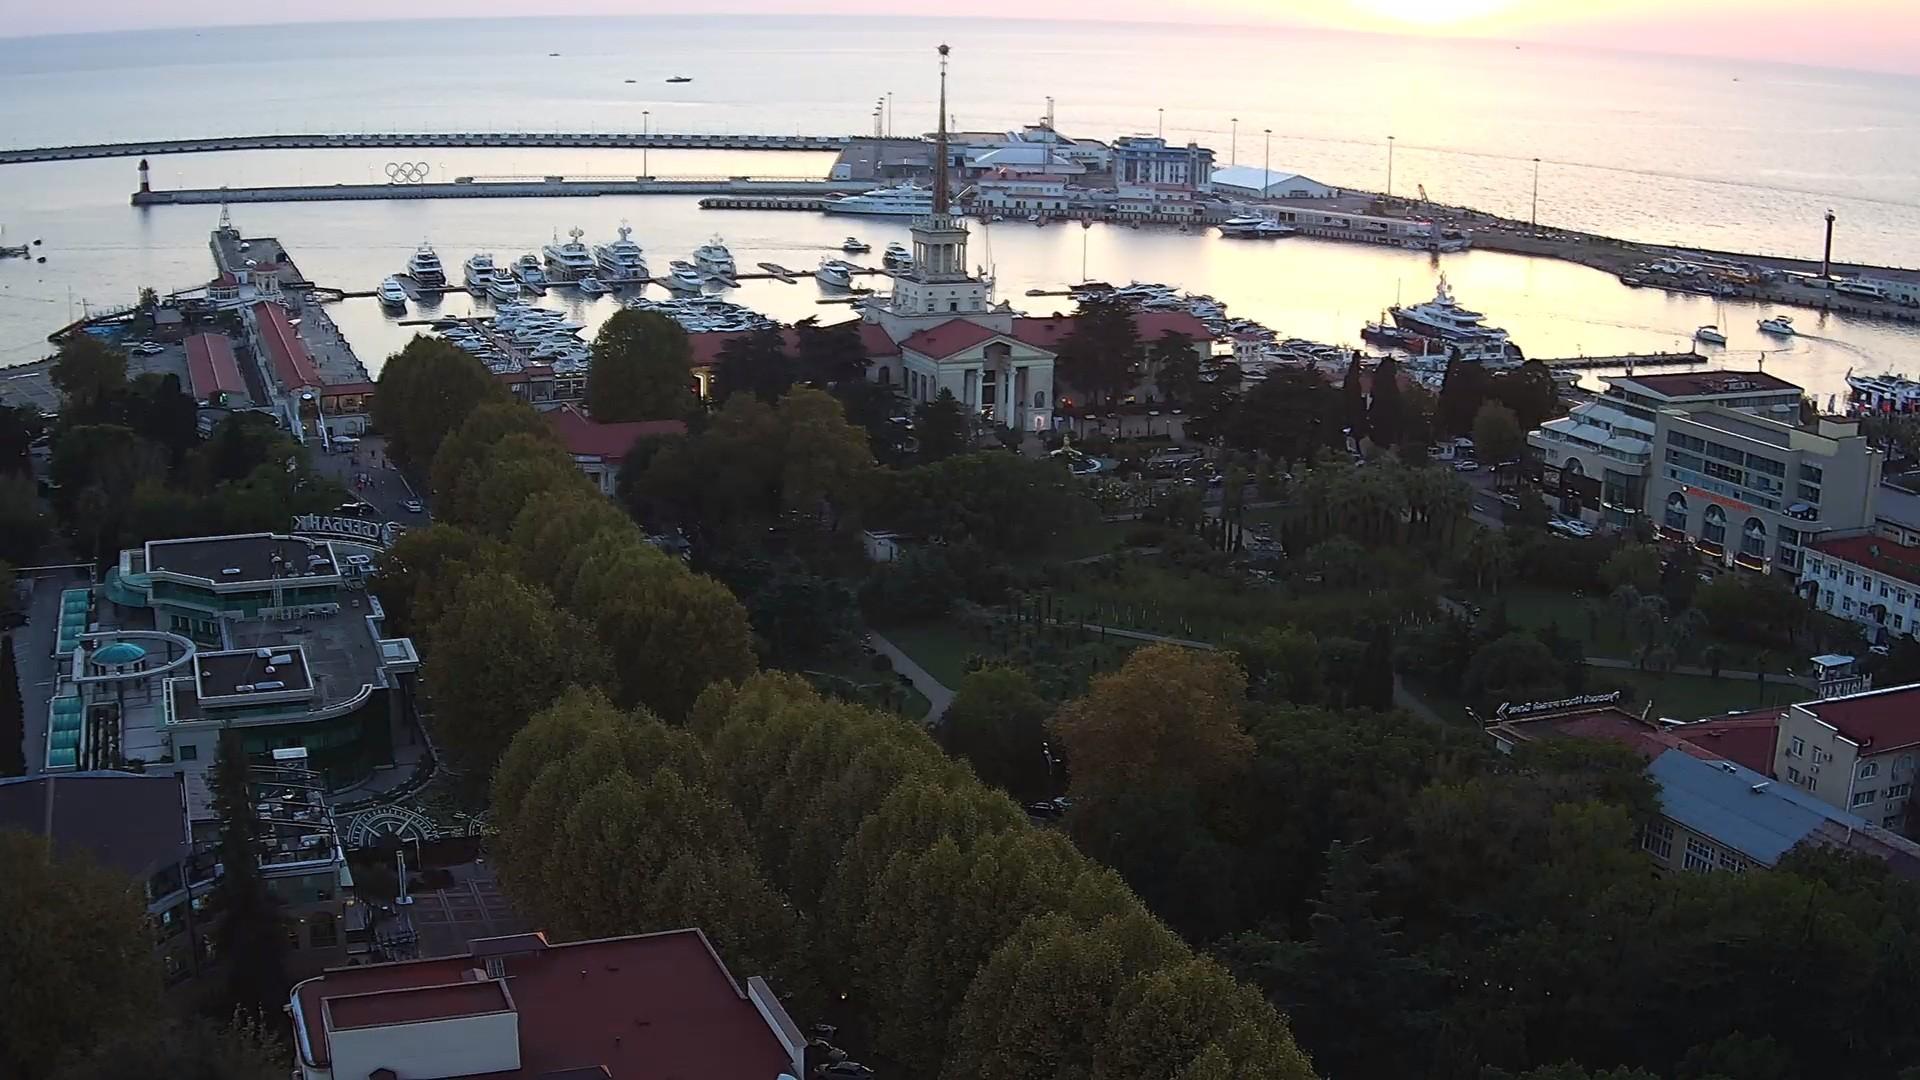 Веб-камера в г. Сочи, Морской порт и кооперативный сквер